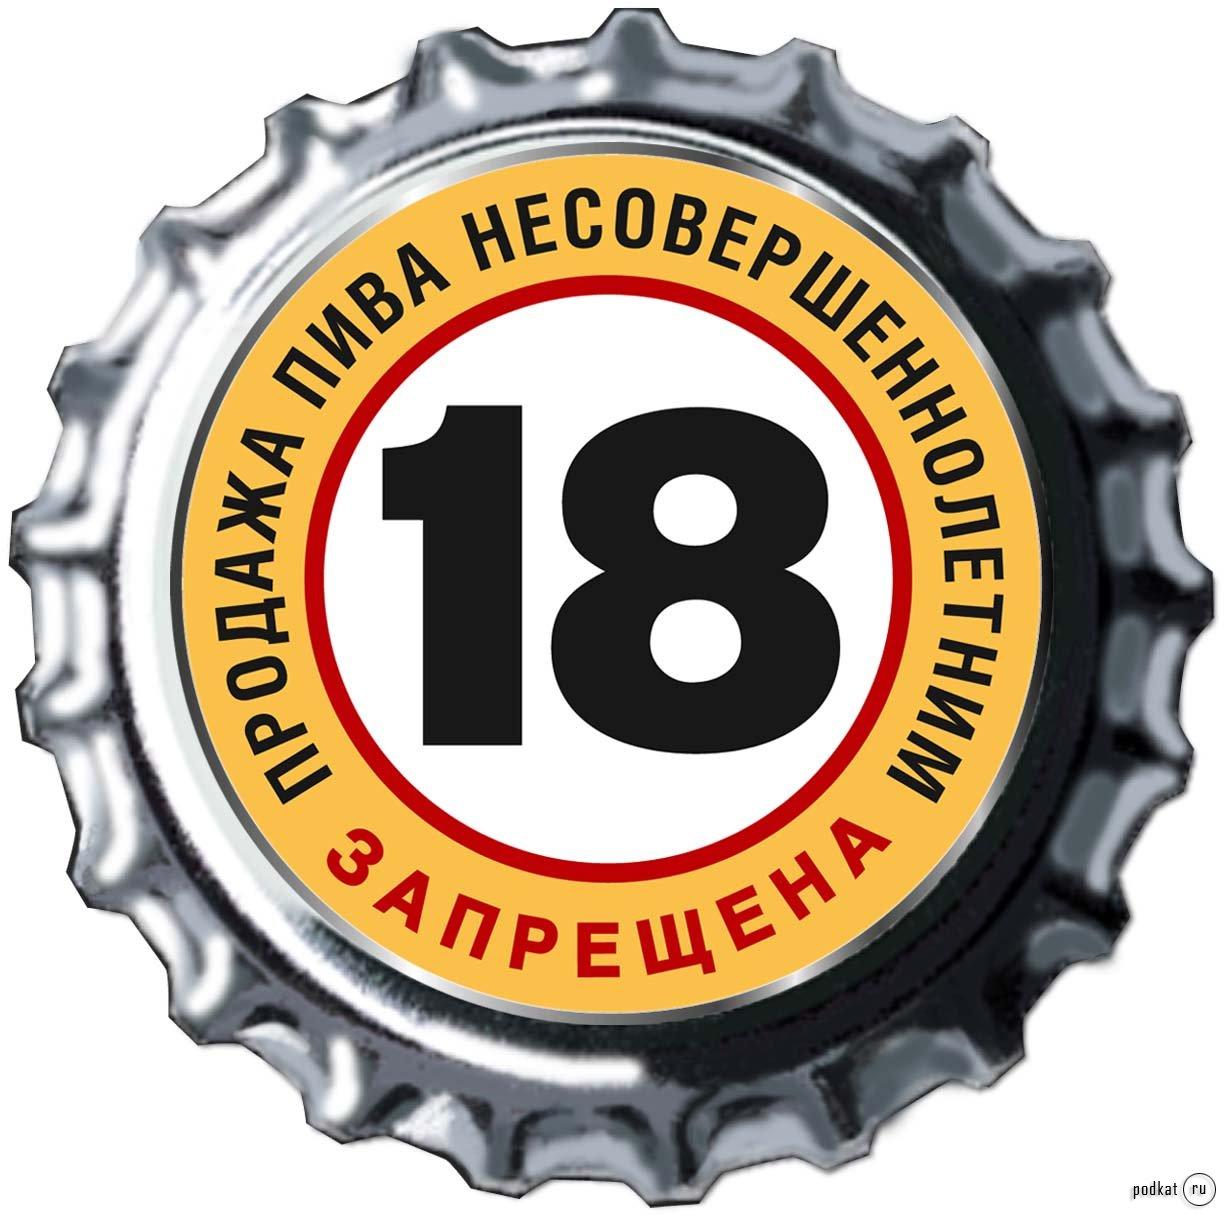 Симферопольского «Козла» подозревают в продаже пива несовершеннолетним